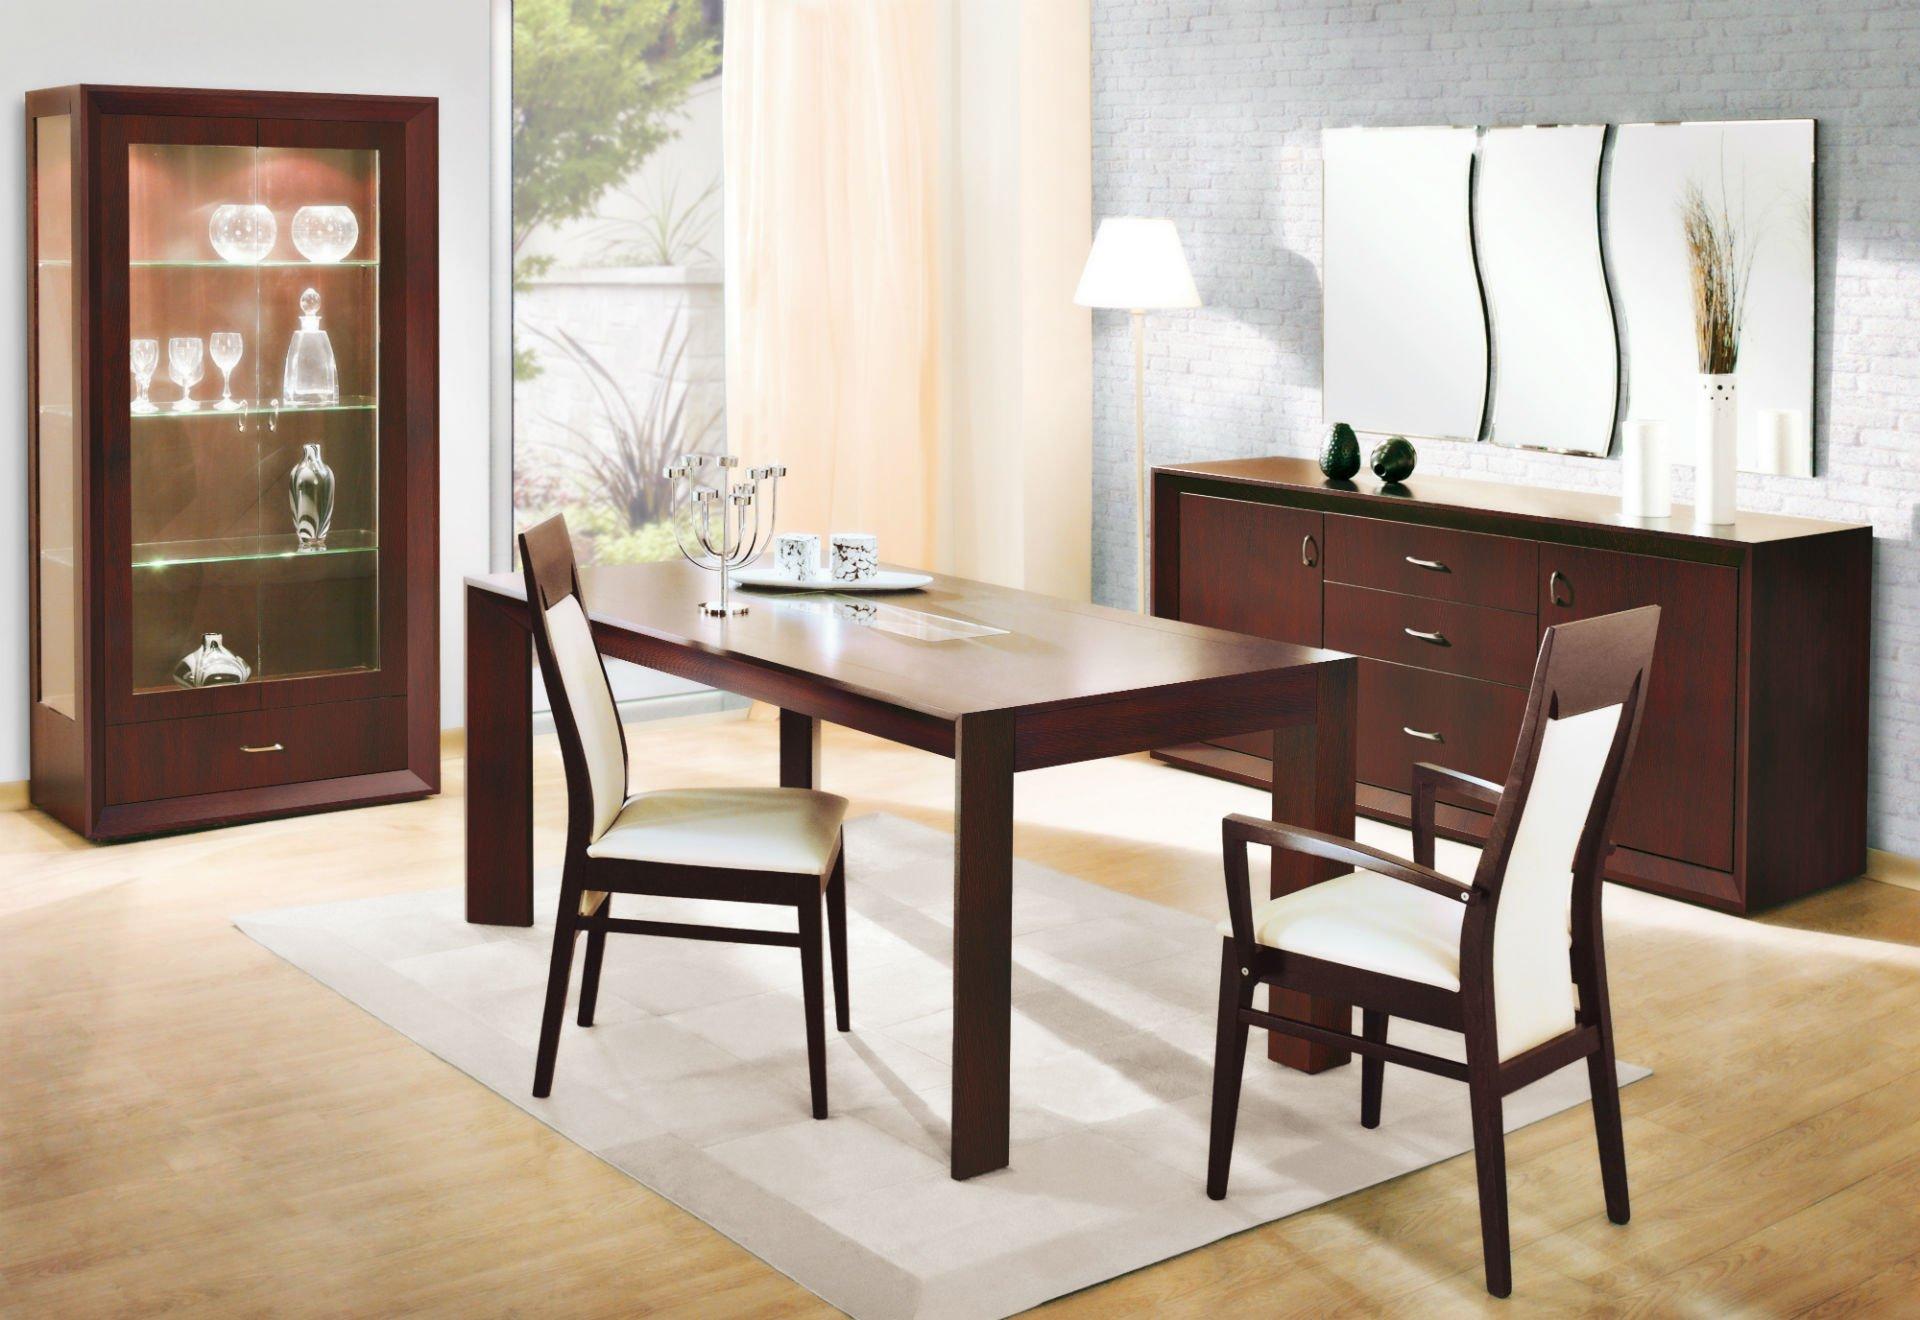 tavolo, sedia e madia in ciliegio